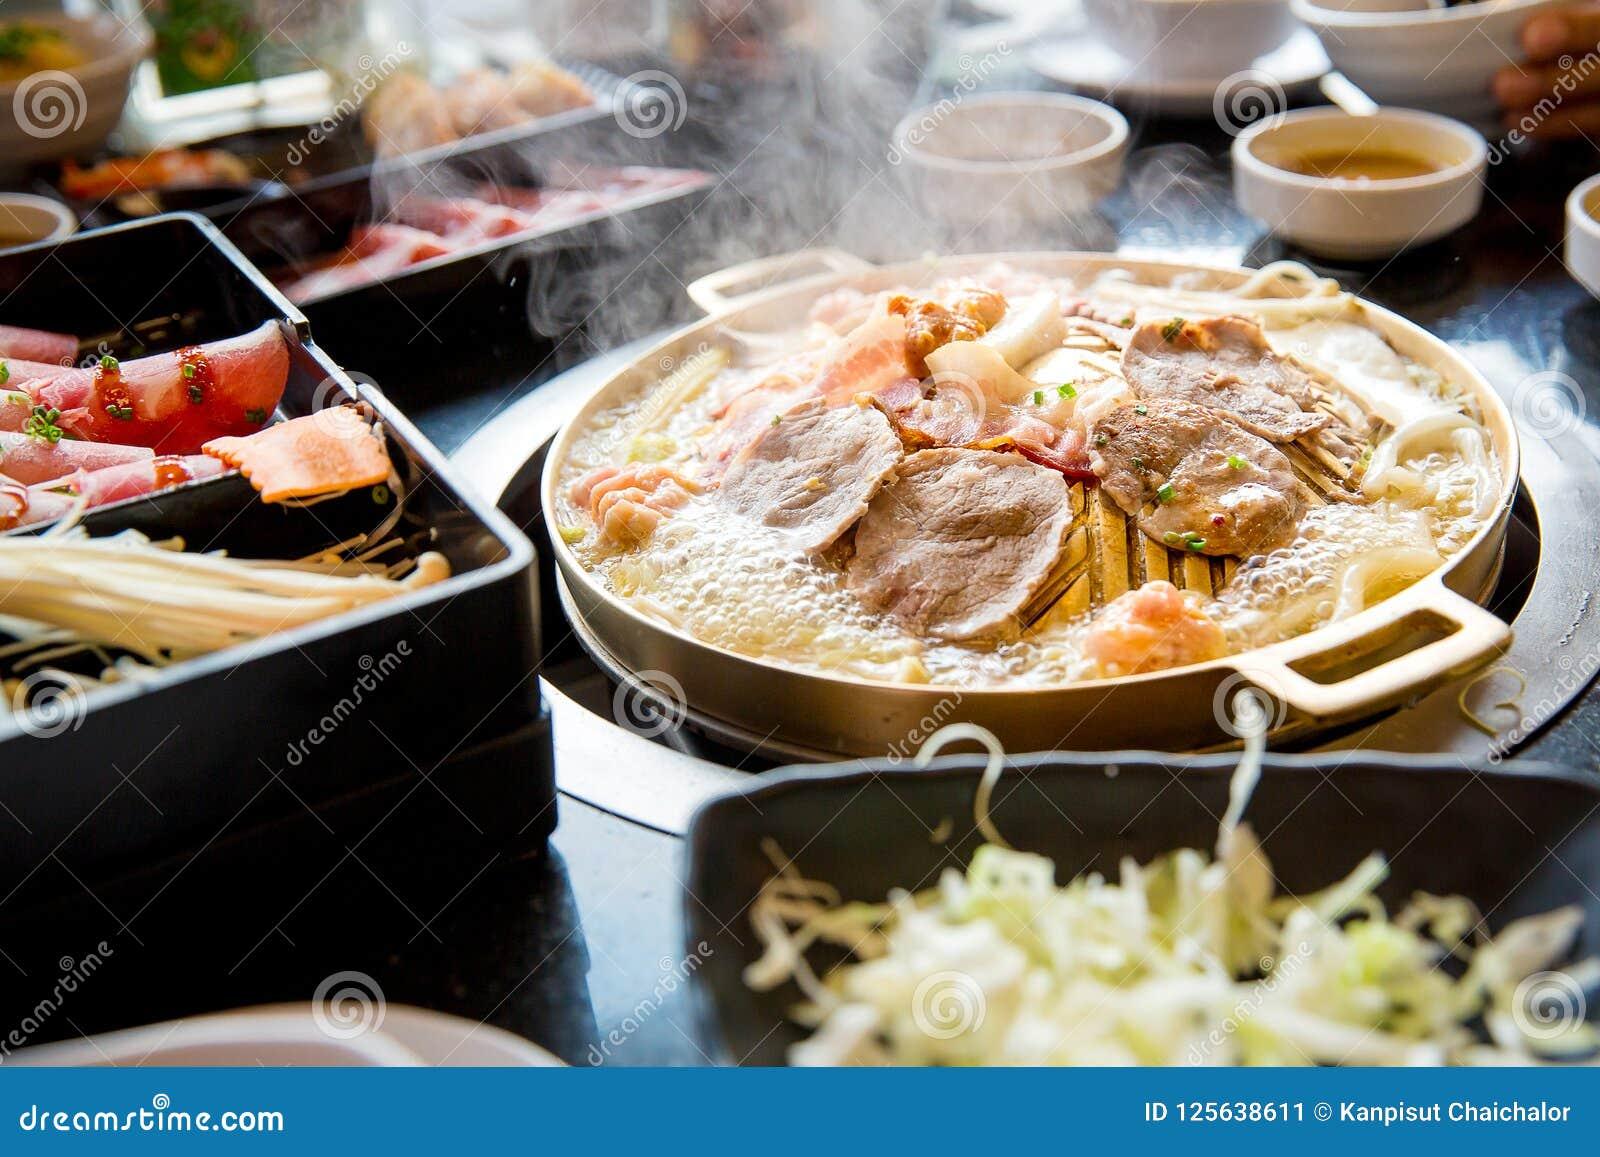 Schweinefleischscheibe gegrillt auf yakiniku heißer Wanne Japanische Art des Grills